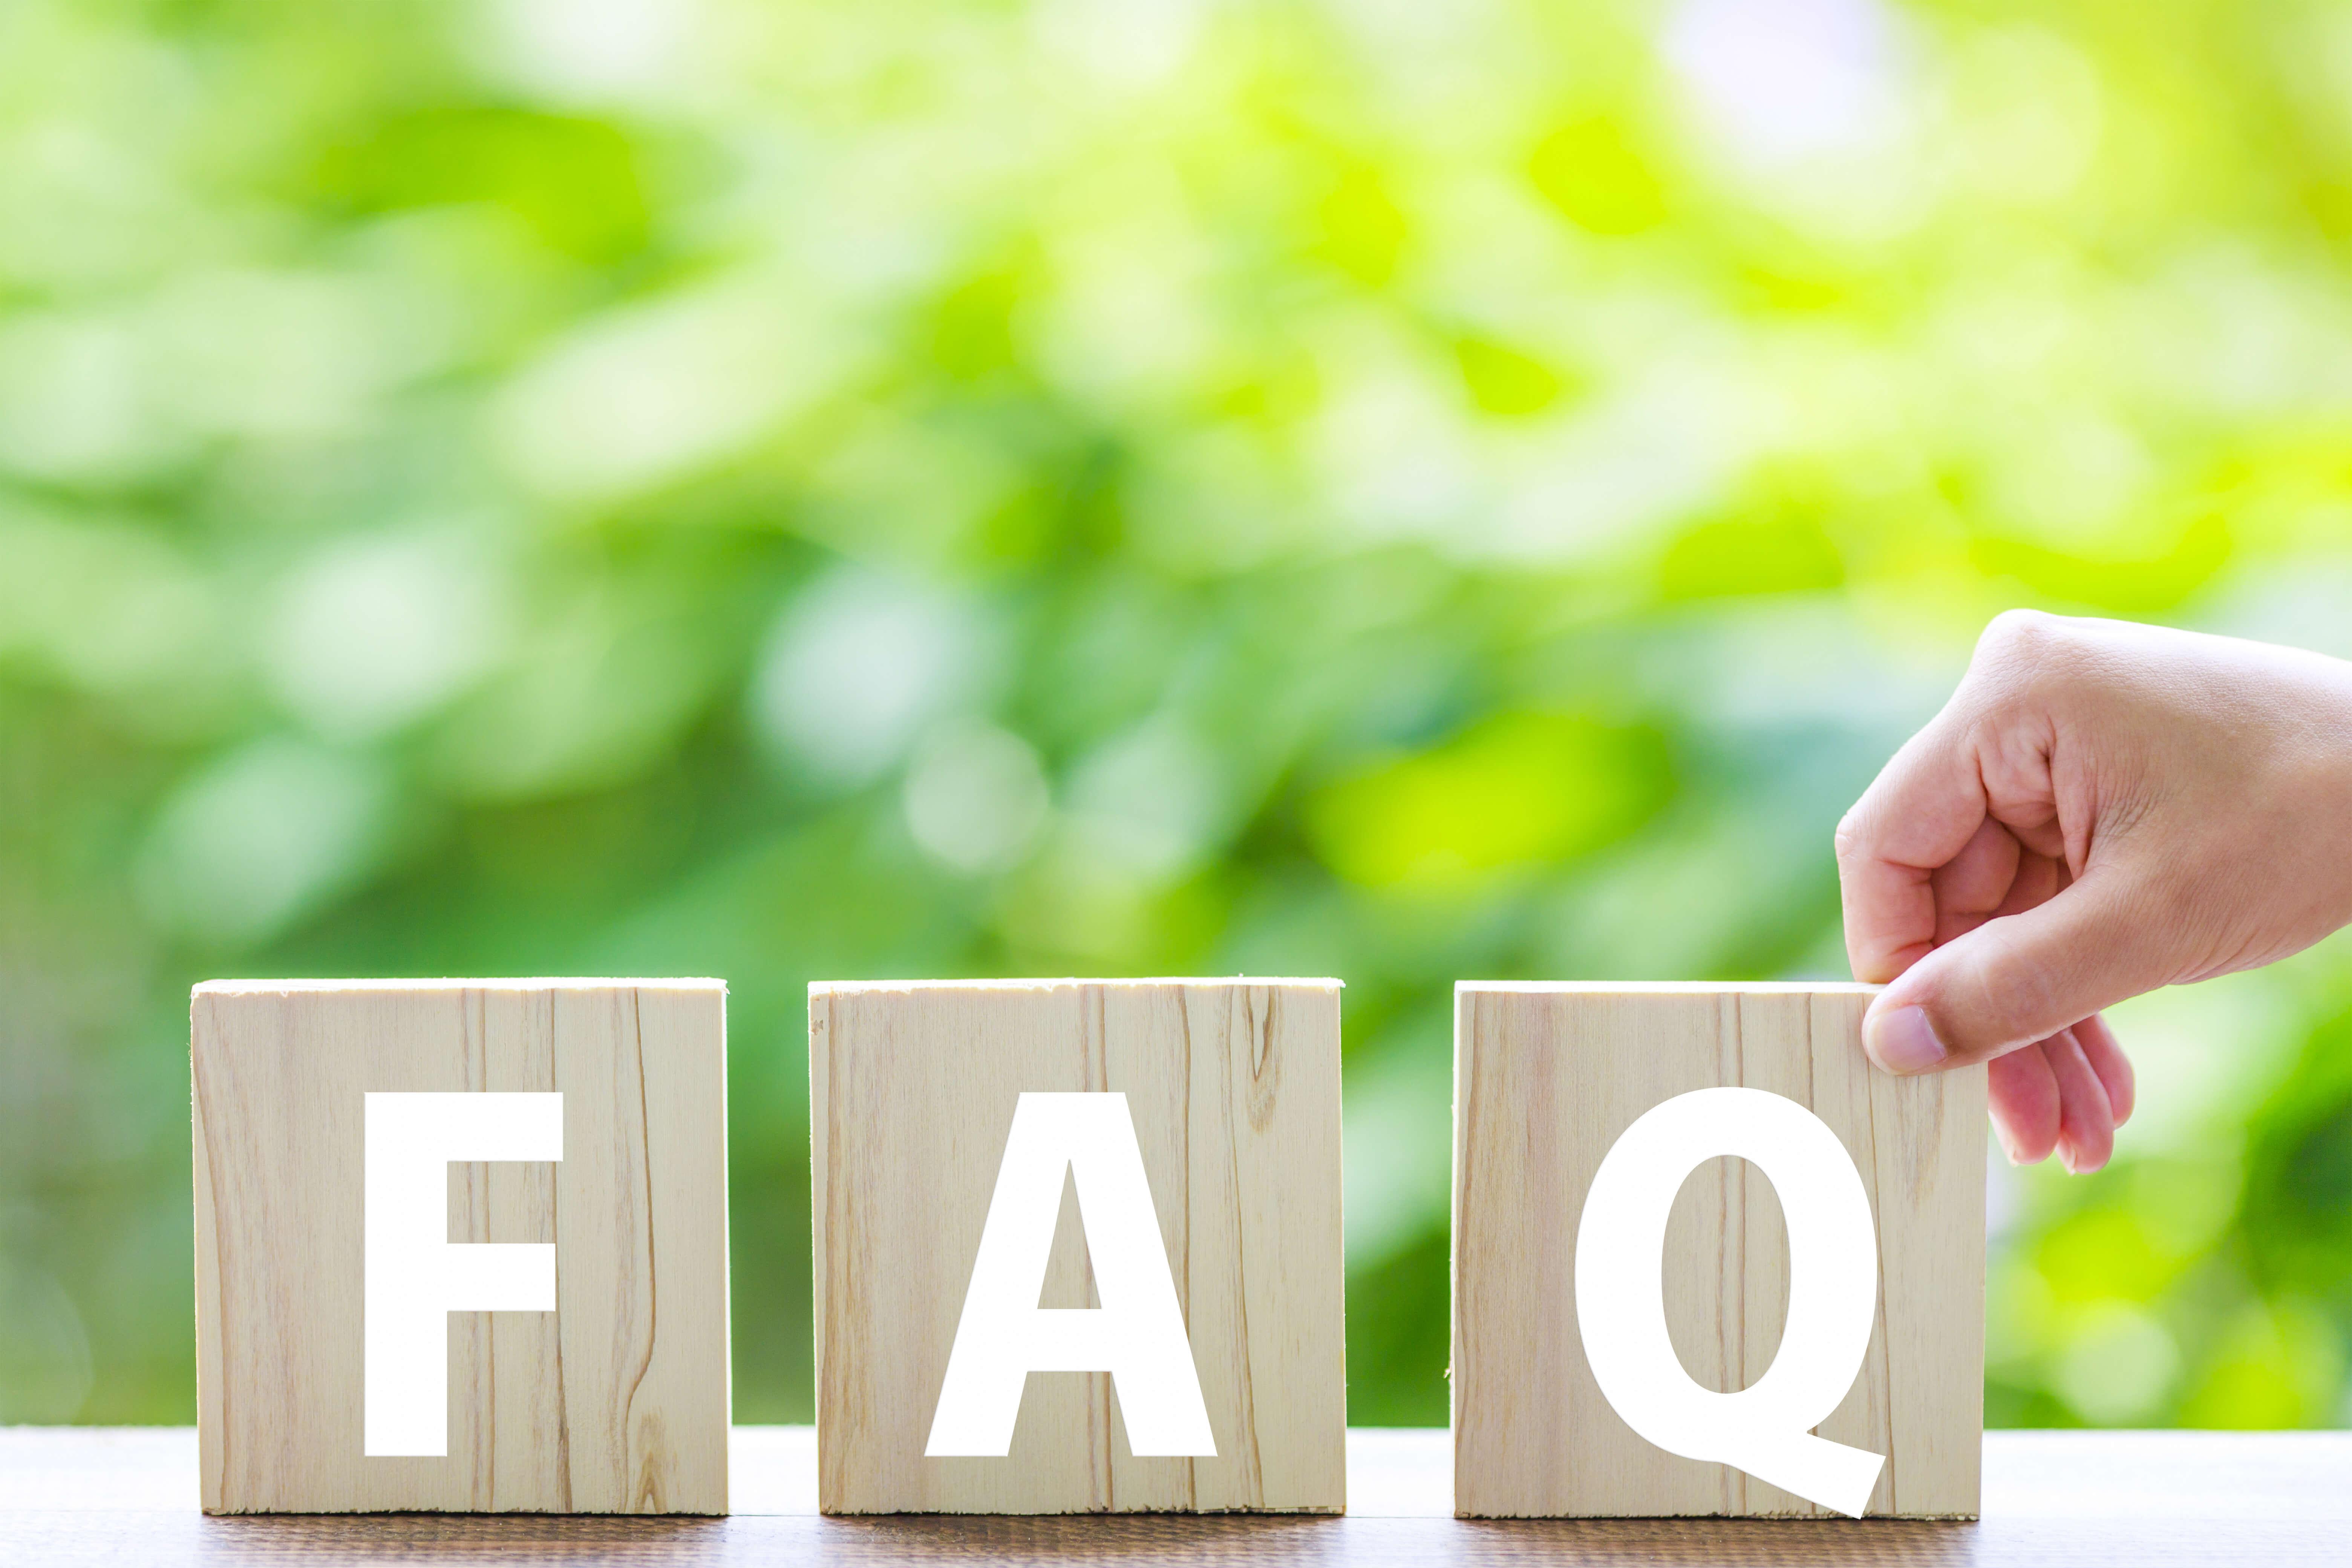 ネスカフェバリスタ質問